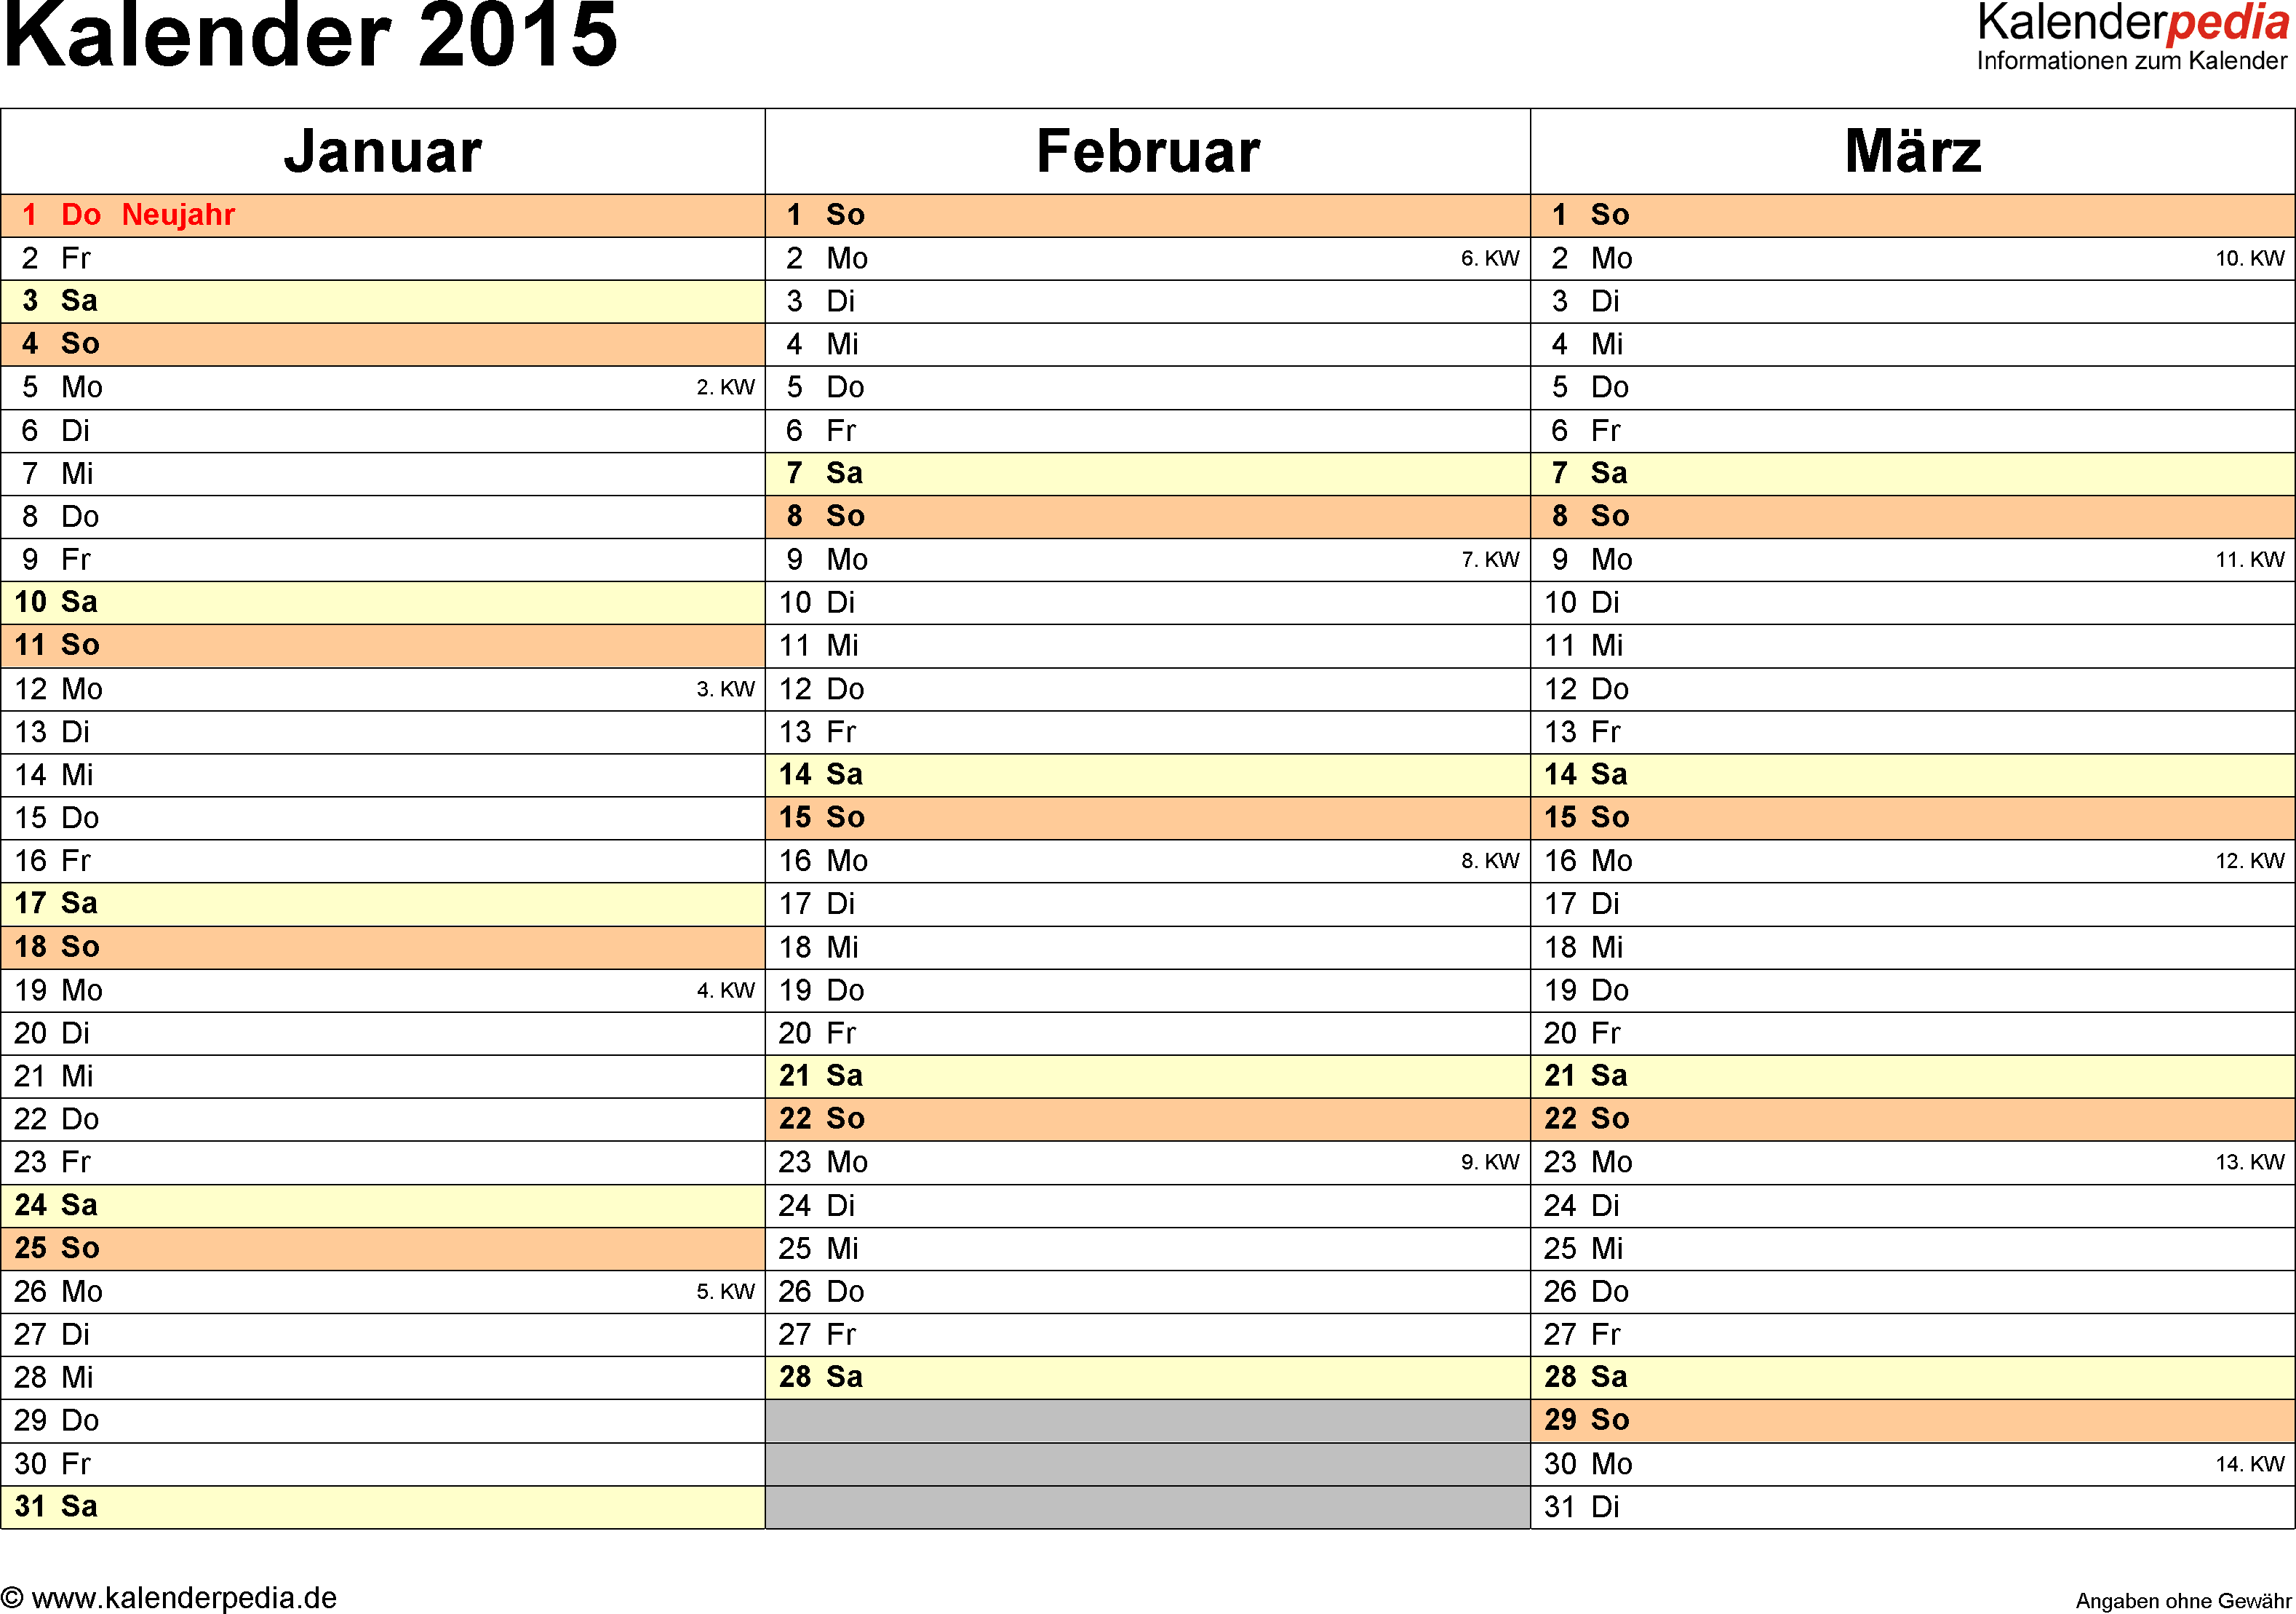 Word-Kalender 2015 Vorlage 6: Querformat, 4 Seiten, jedes Quartal auf einer Seite